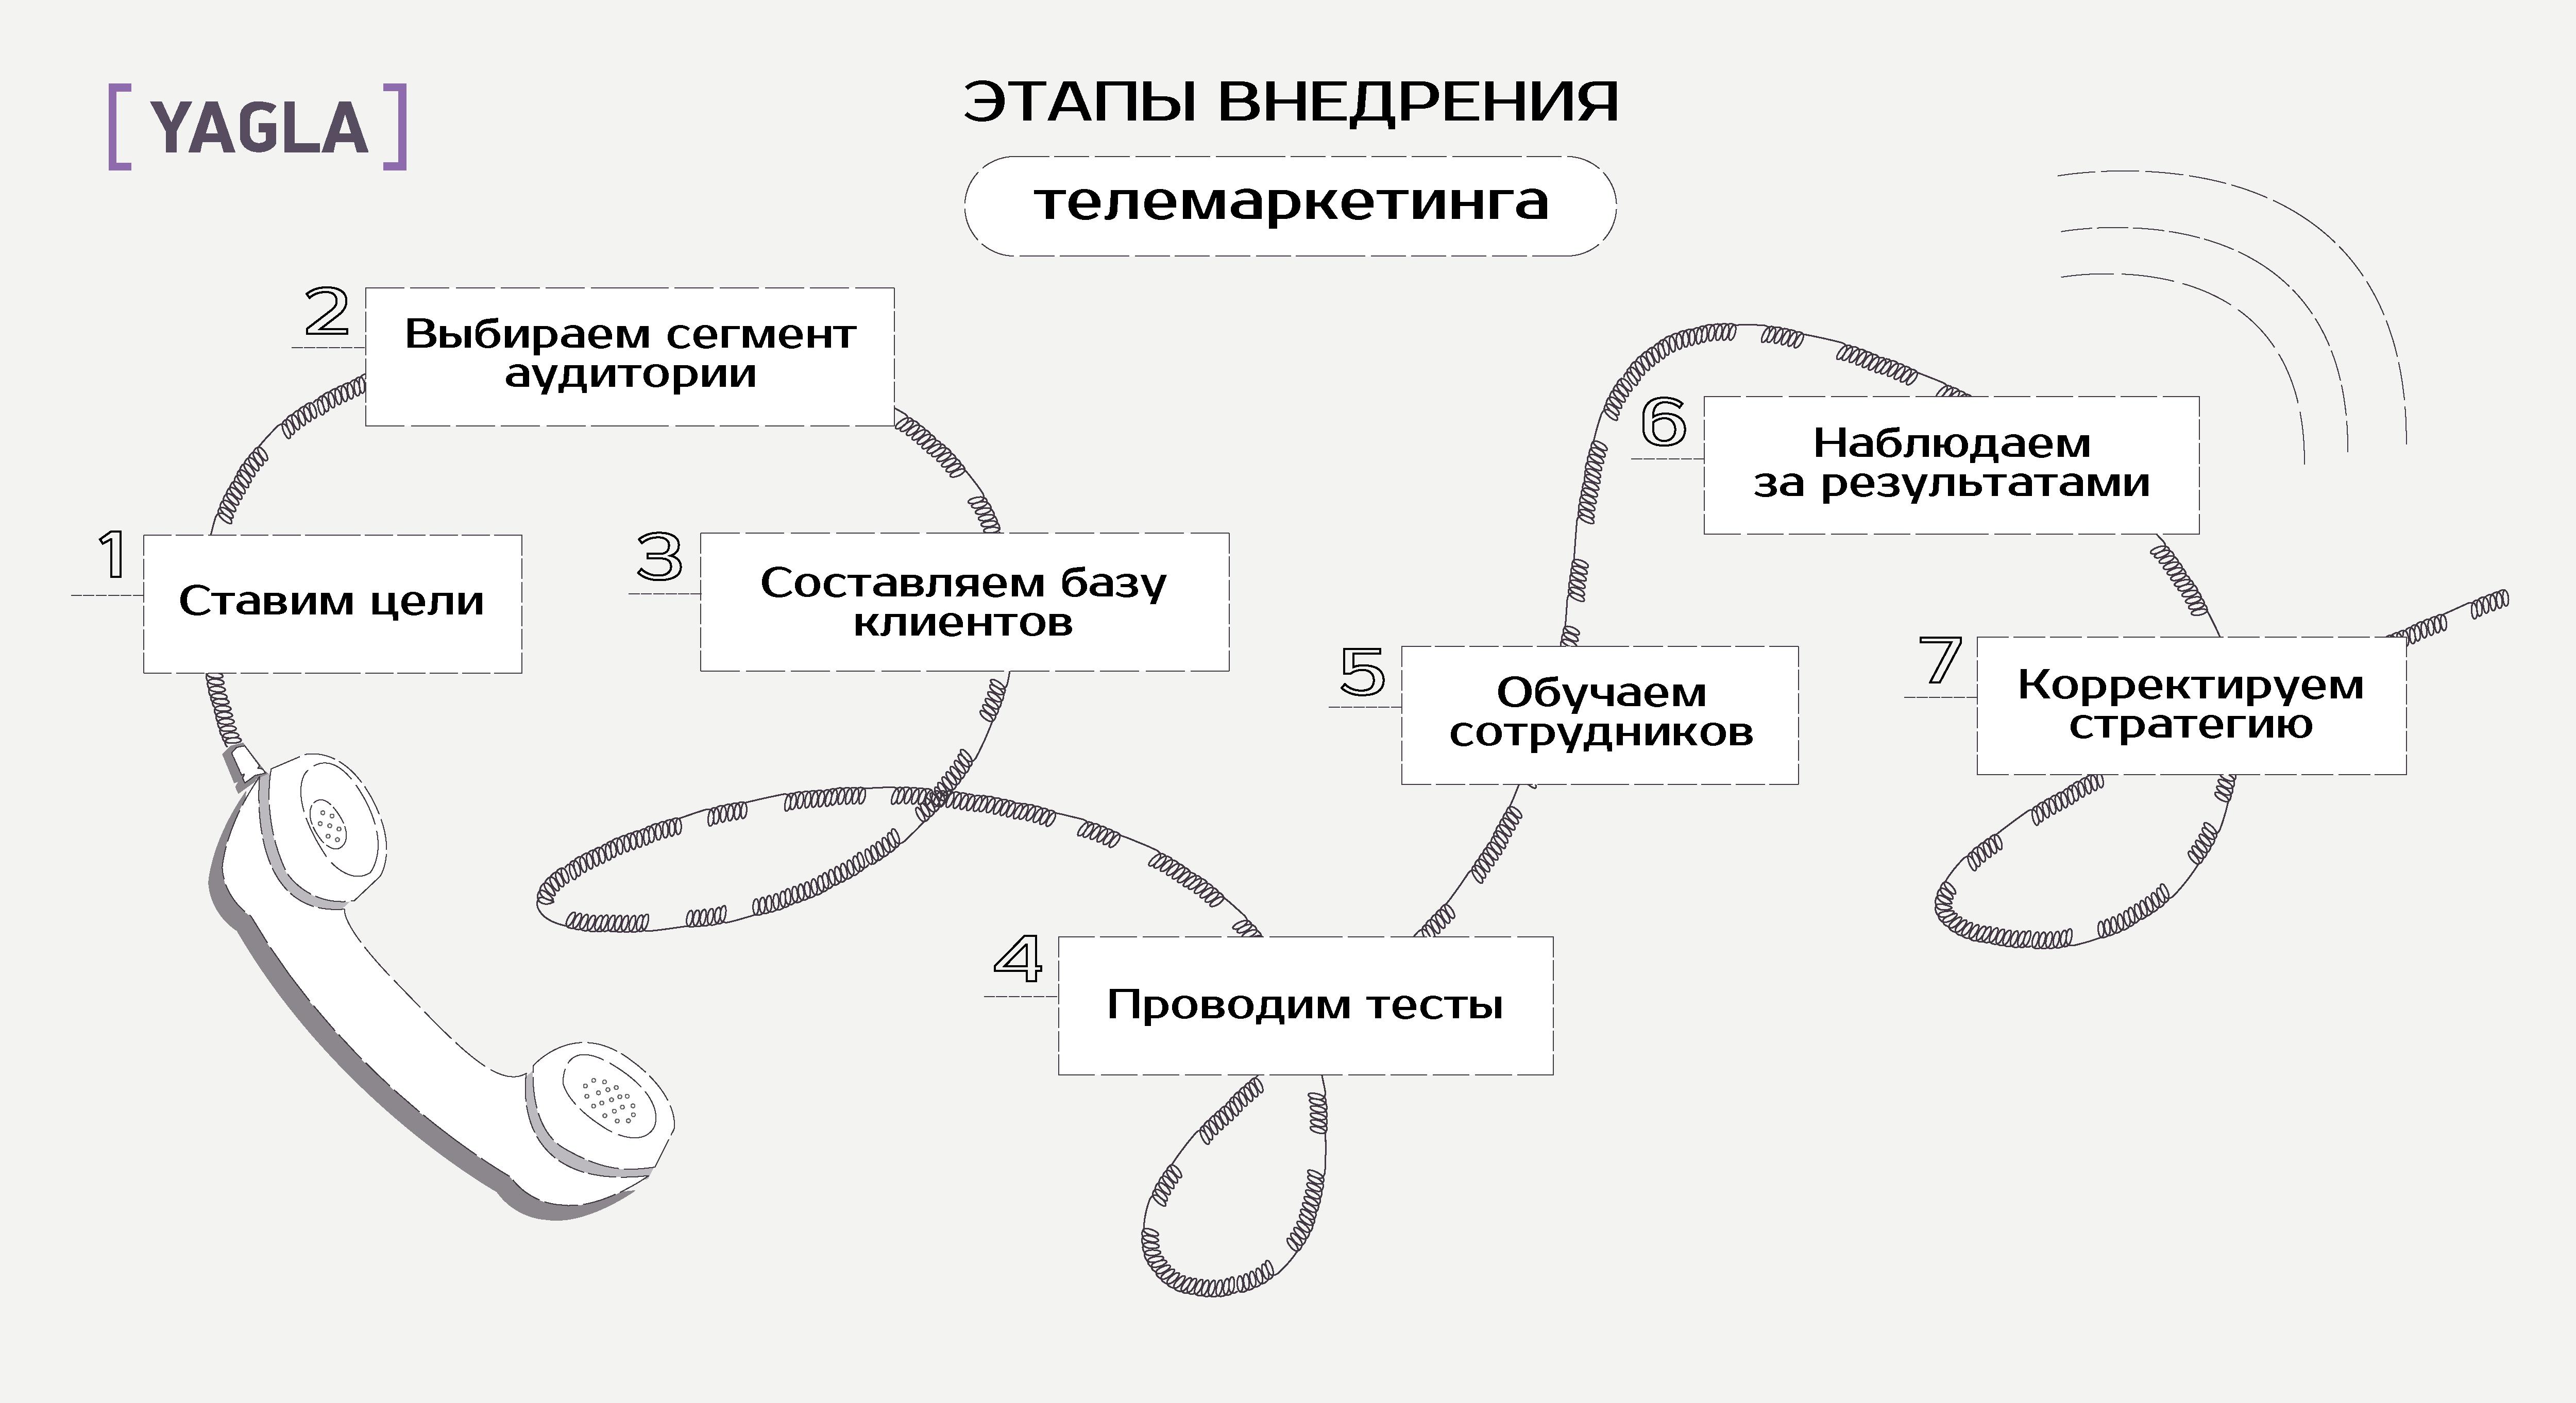 этапы телемаркетинга